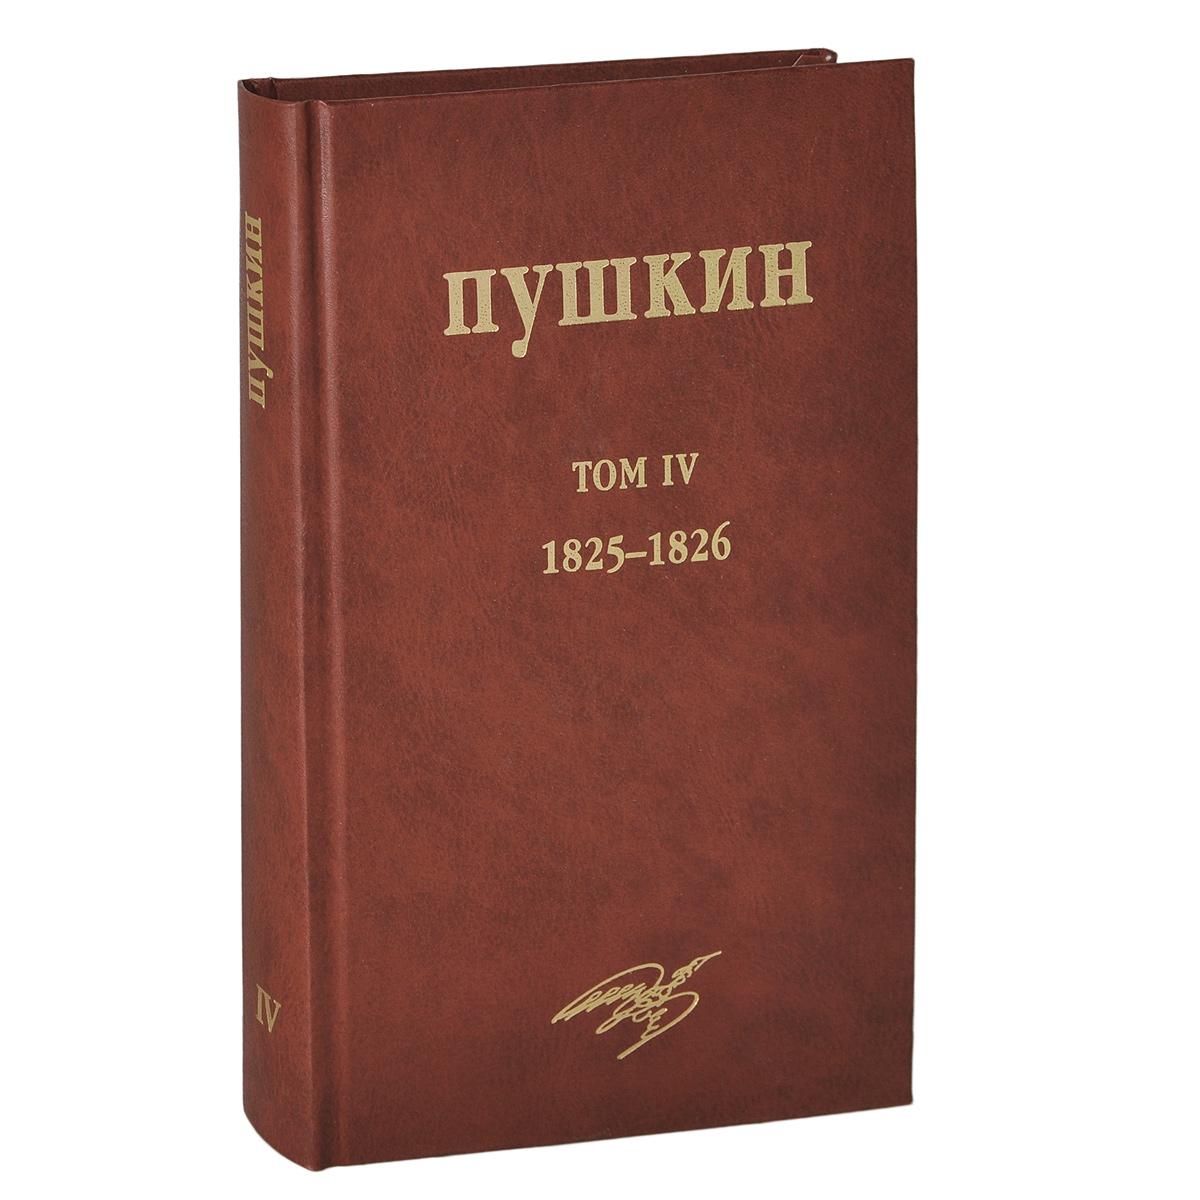 А. С. Пушкин А. С. Пушкин. Собрание сочинений. Том 4 а такафуми бейблэйд том 4 горячий металл